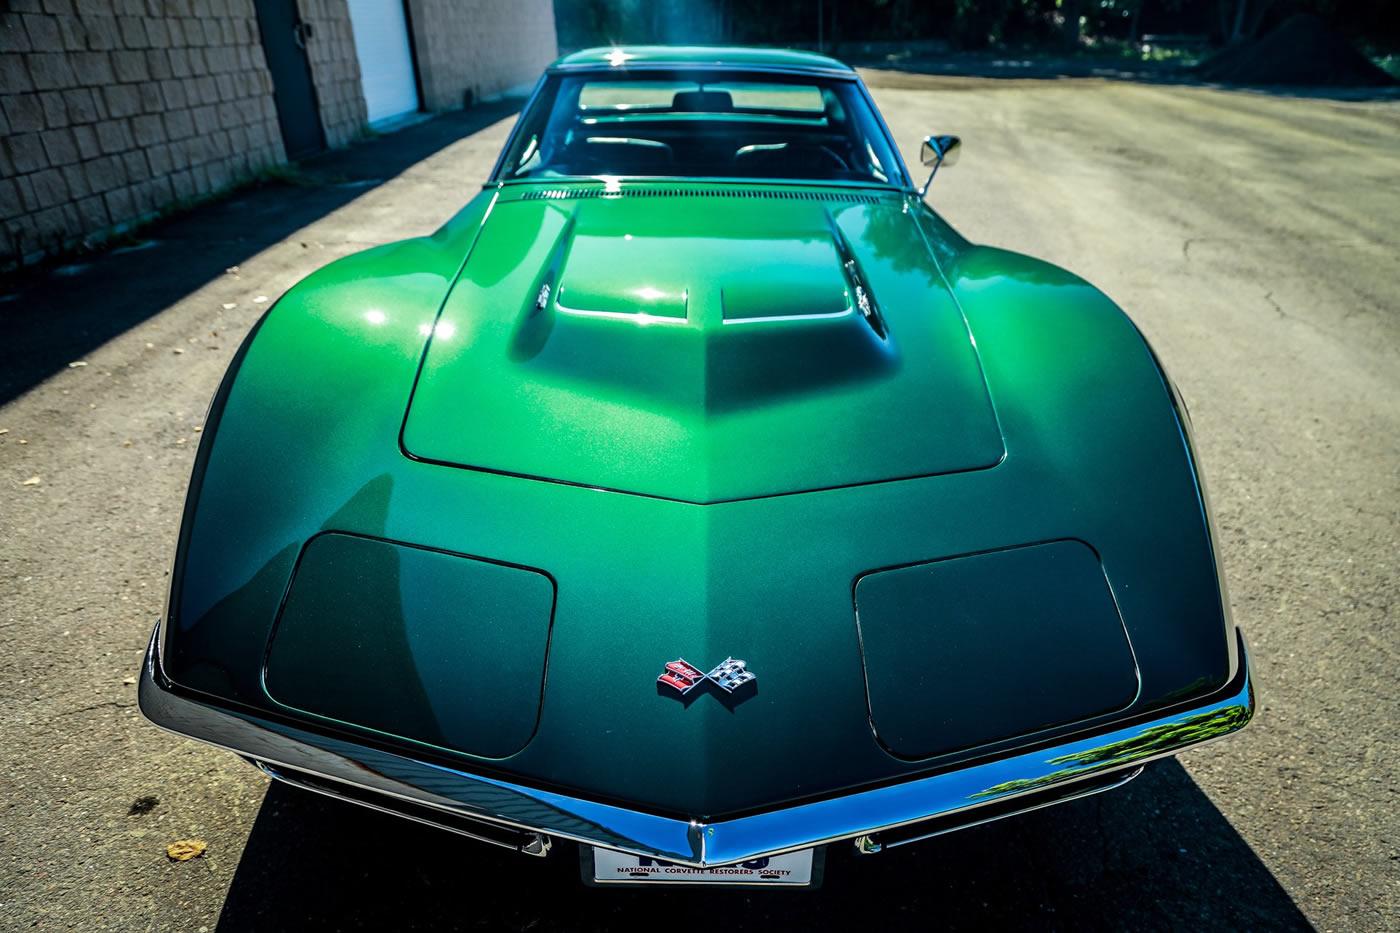 1968 Corvette in British Green